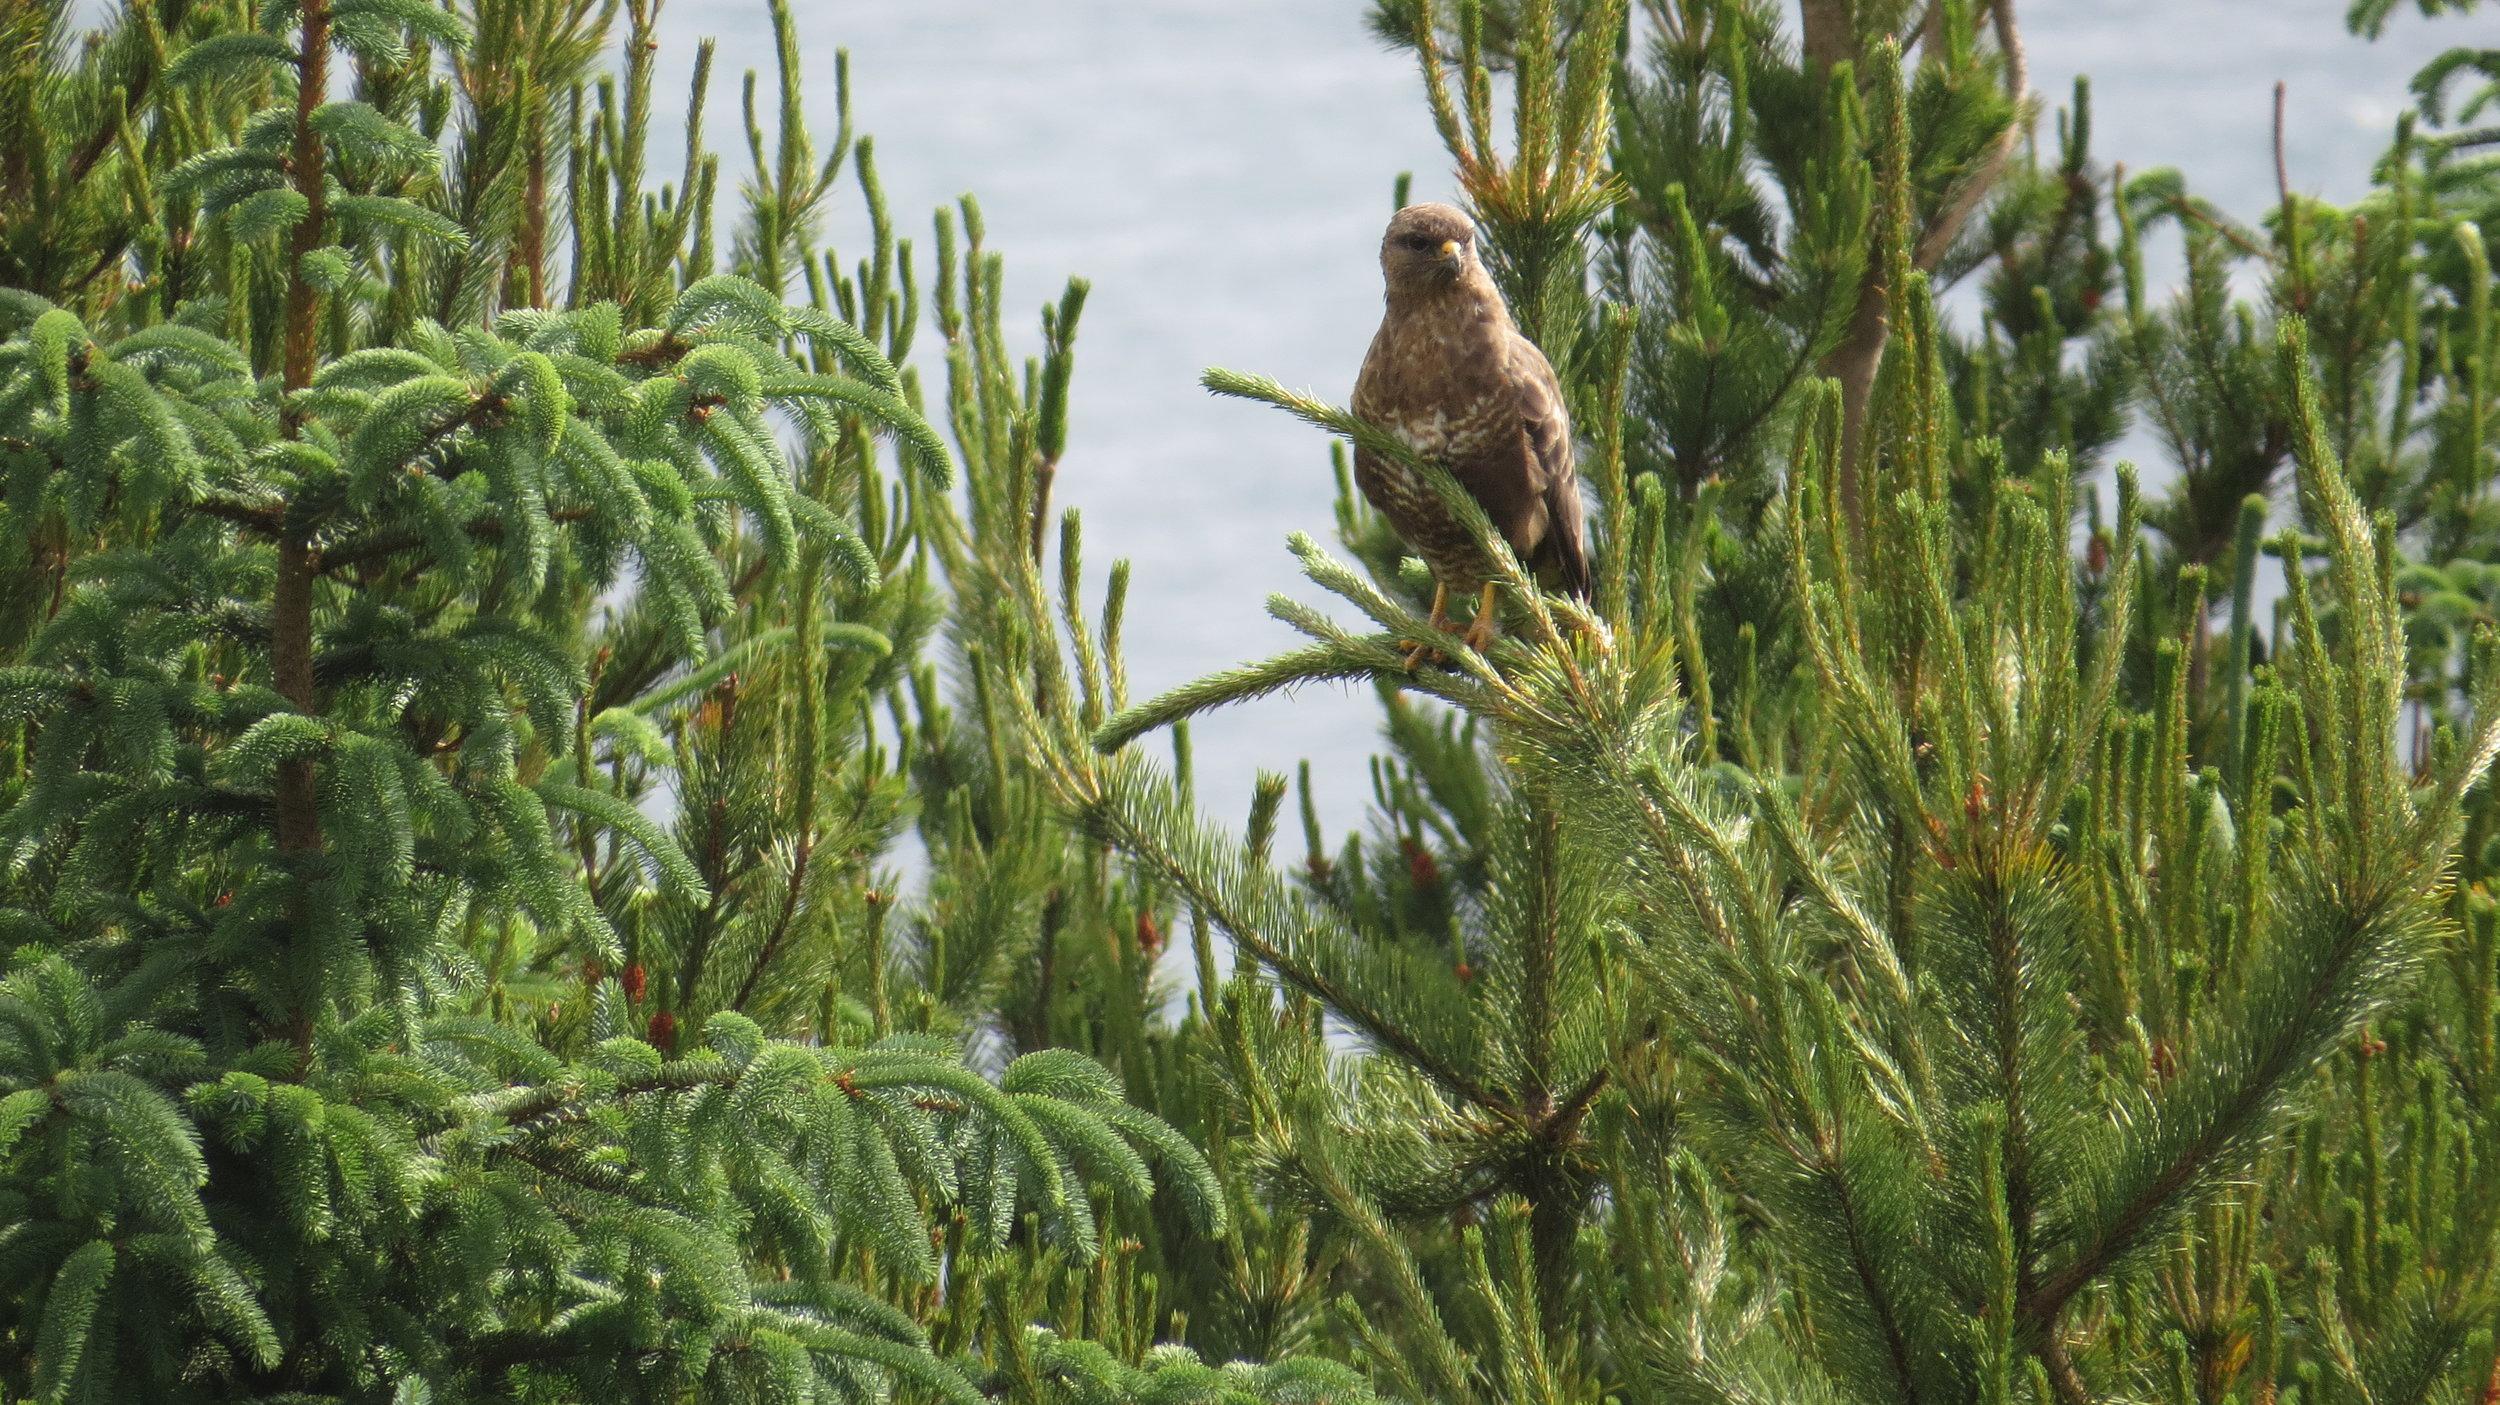 Buzzard, sadly not an Eagle